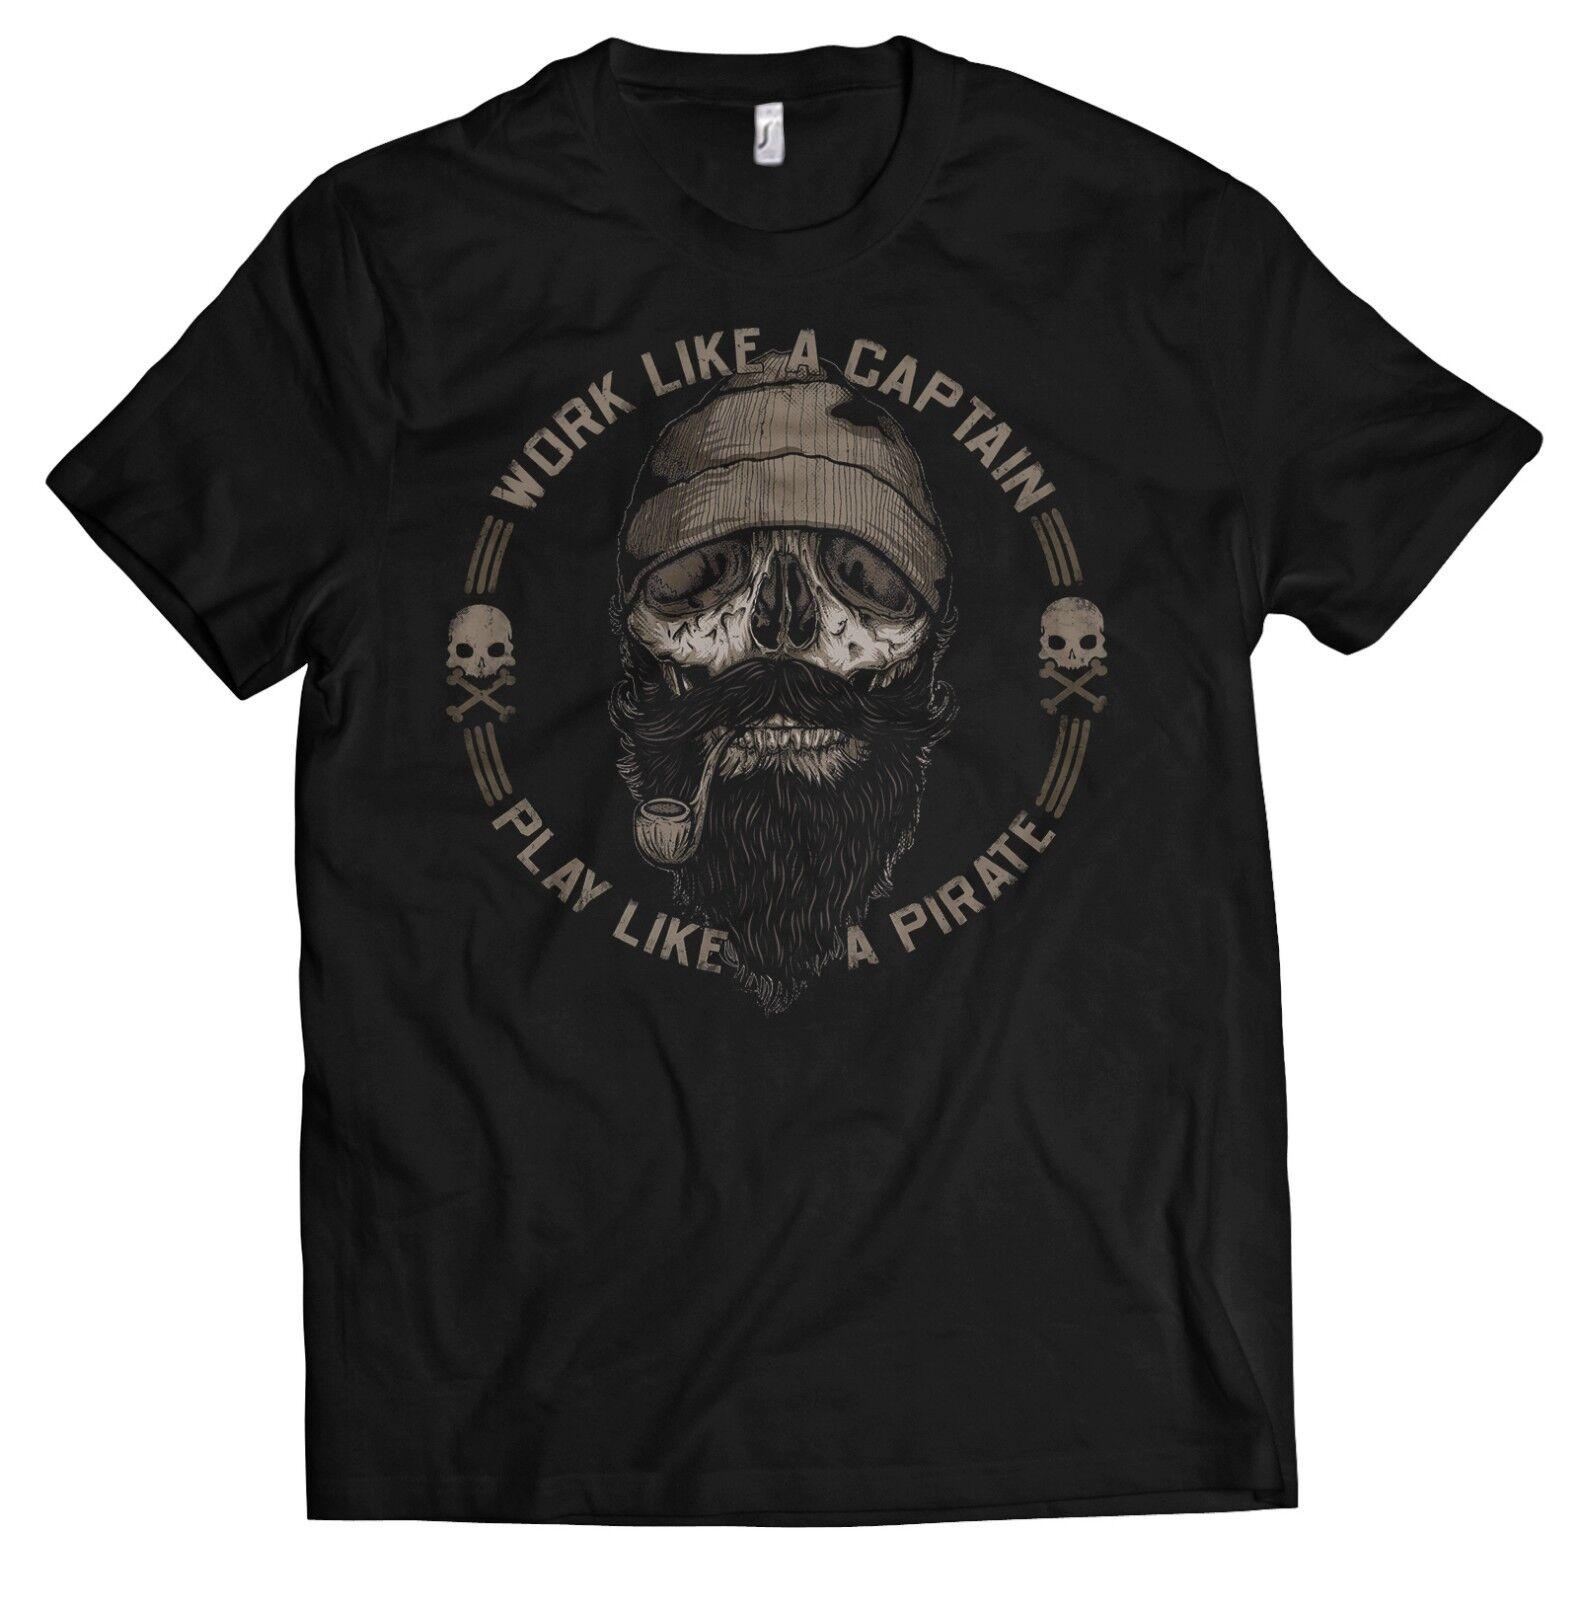 Sailor Beard T-Shirt Herren WORK LIKE A CAPTAIN PLAY . PIRATE Kapitän Bart Shirt